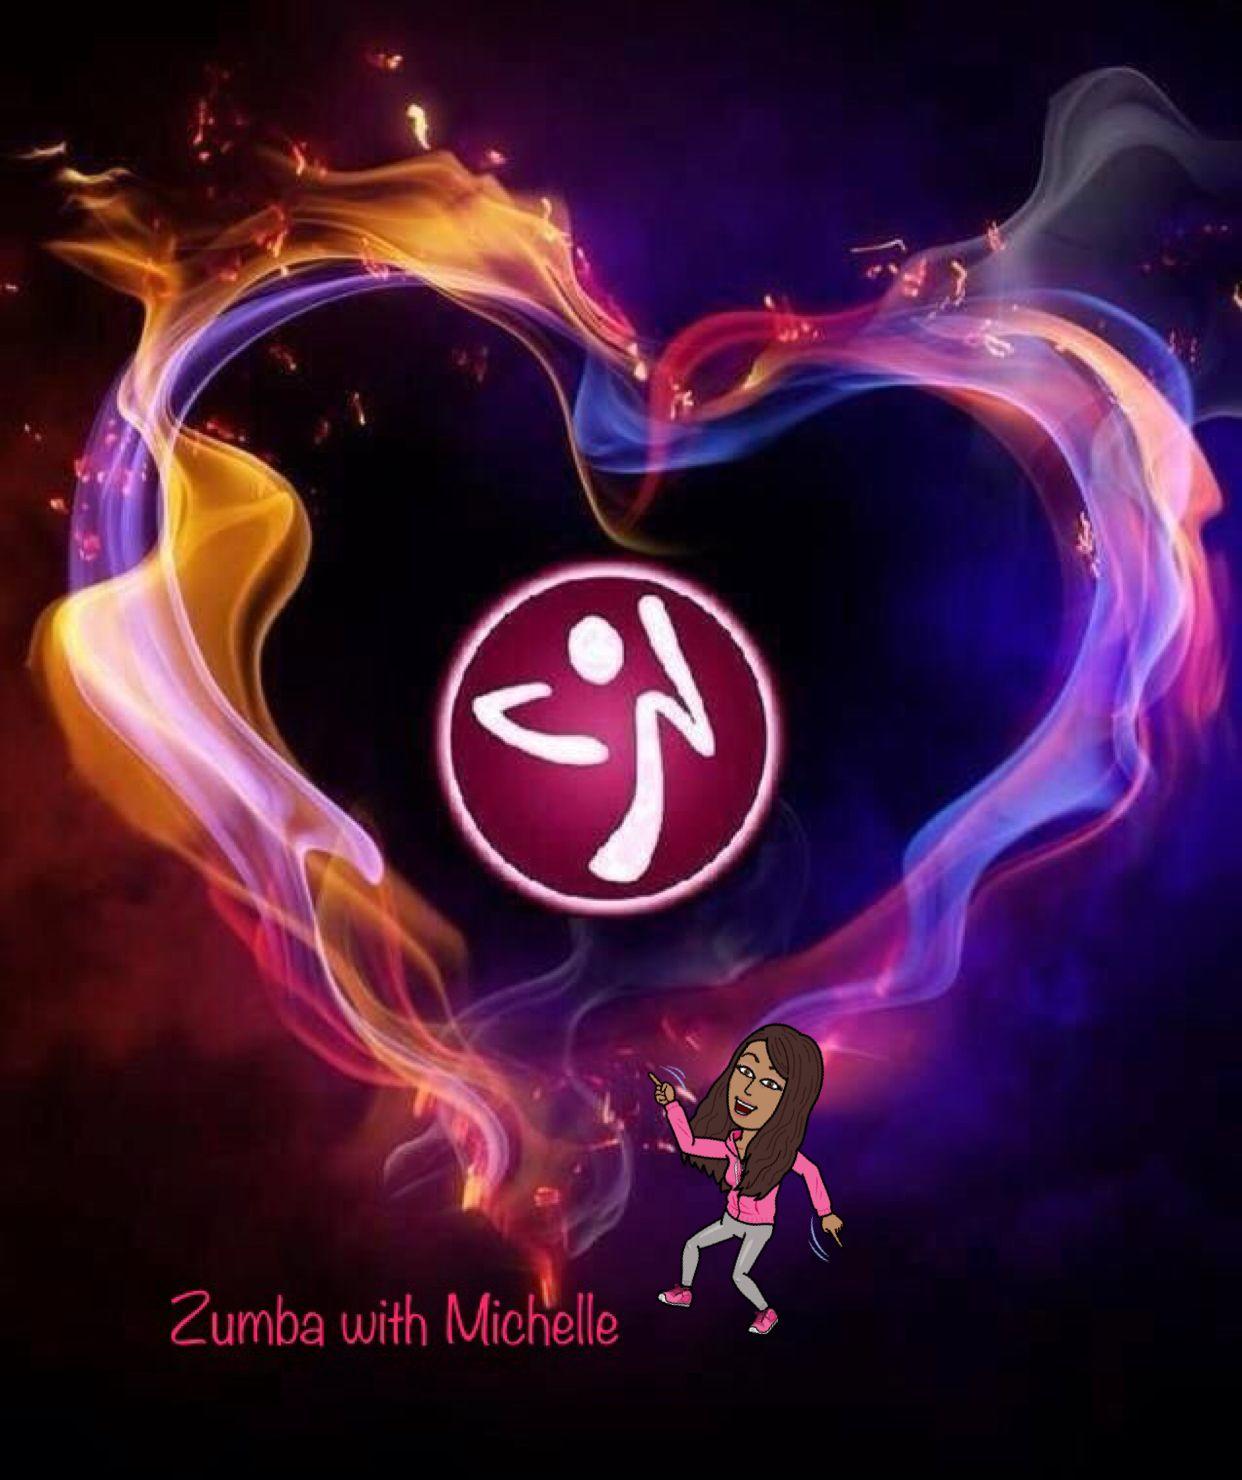 Pin by mcbrnasbsmba on Zumbalicious Zumba workout, Zumba